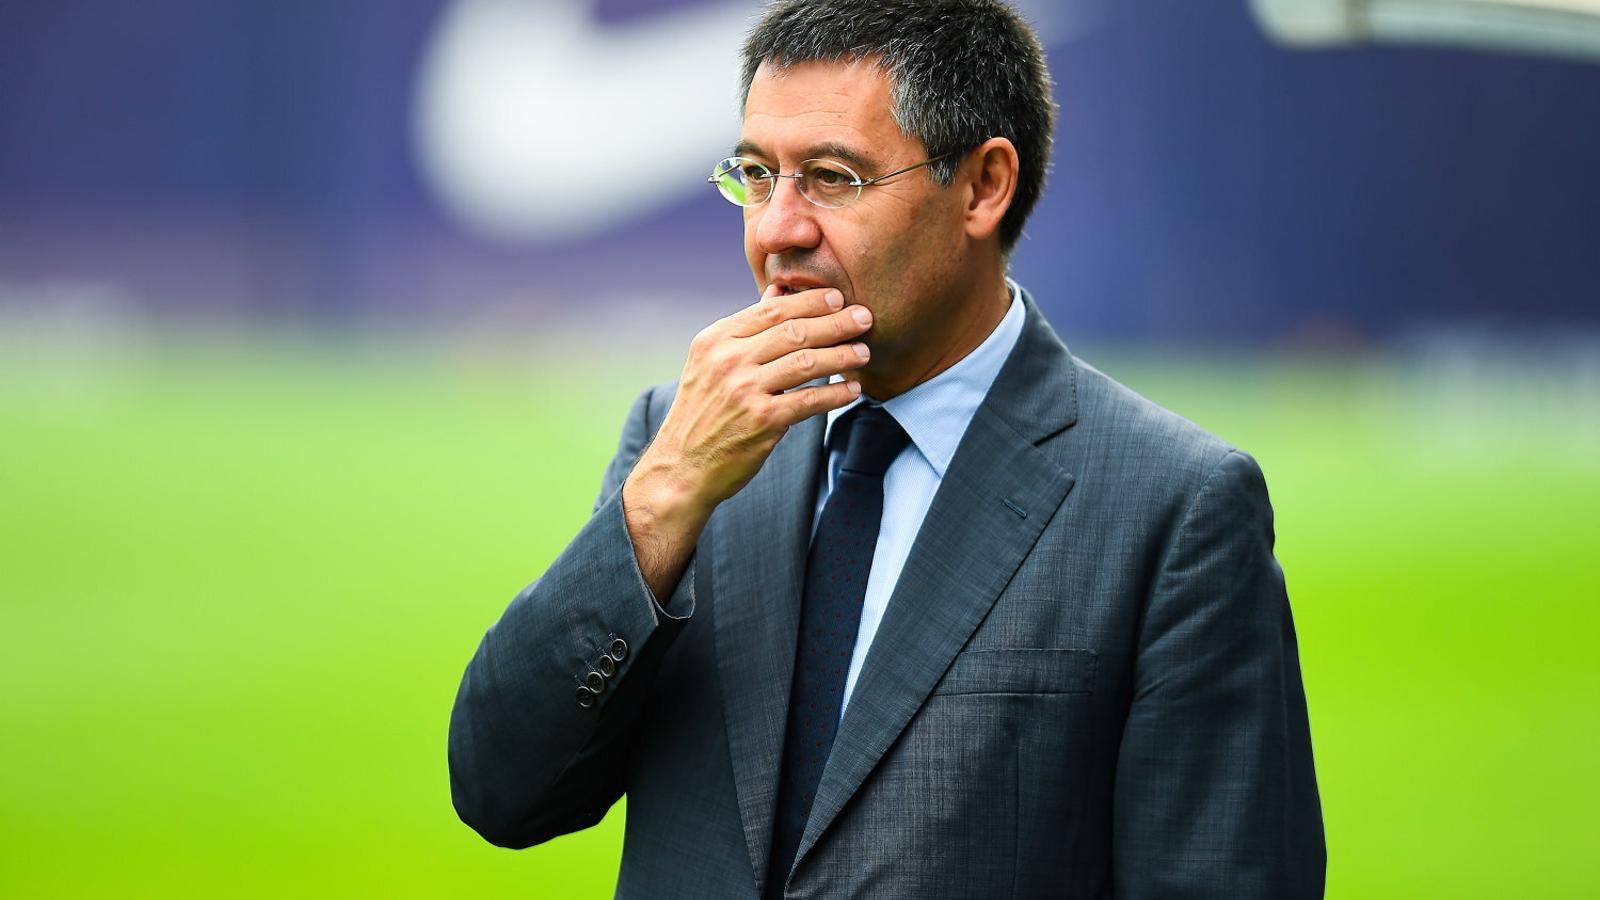 Bartomeu durant el seu primer any com a president del Barça, quan va agafar el relleu de Sandro Rosell.